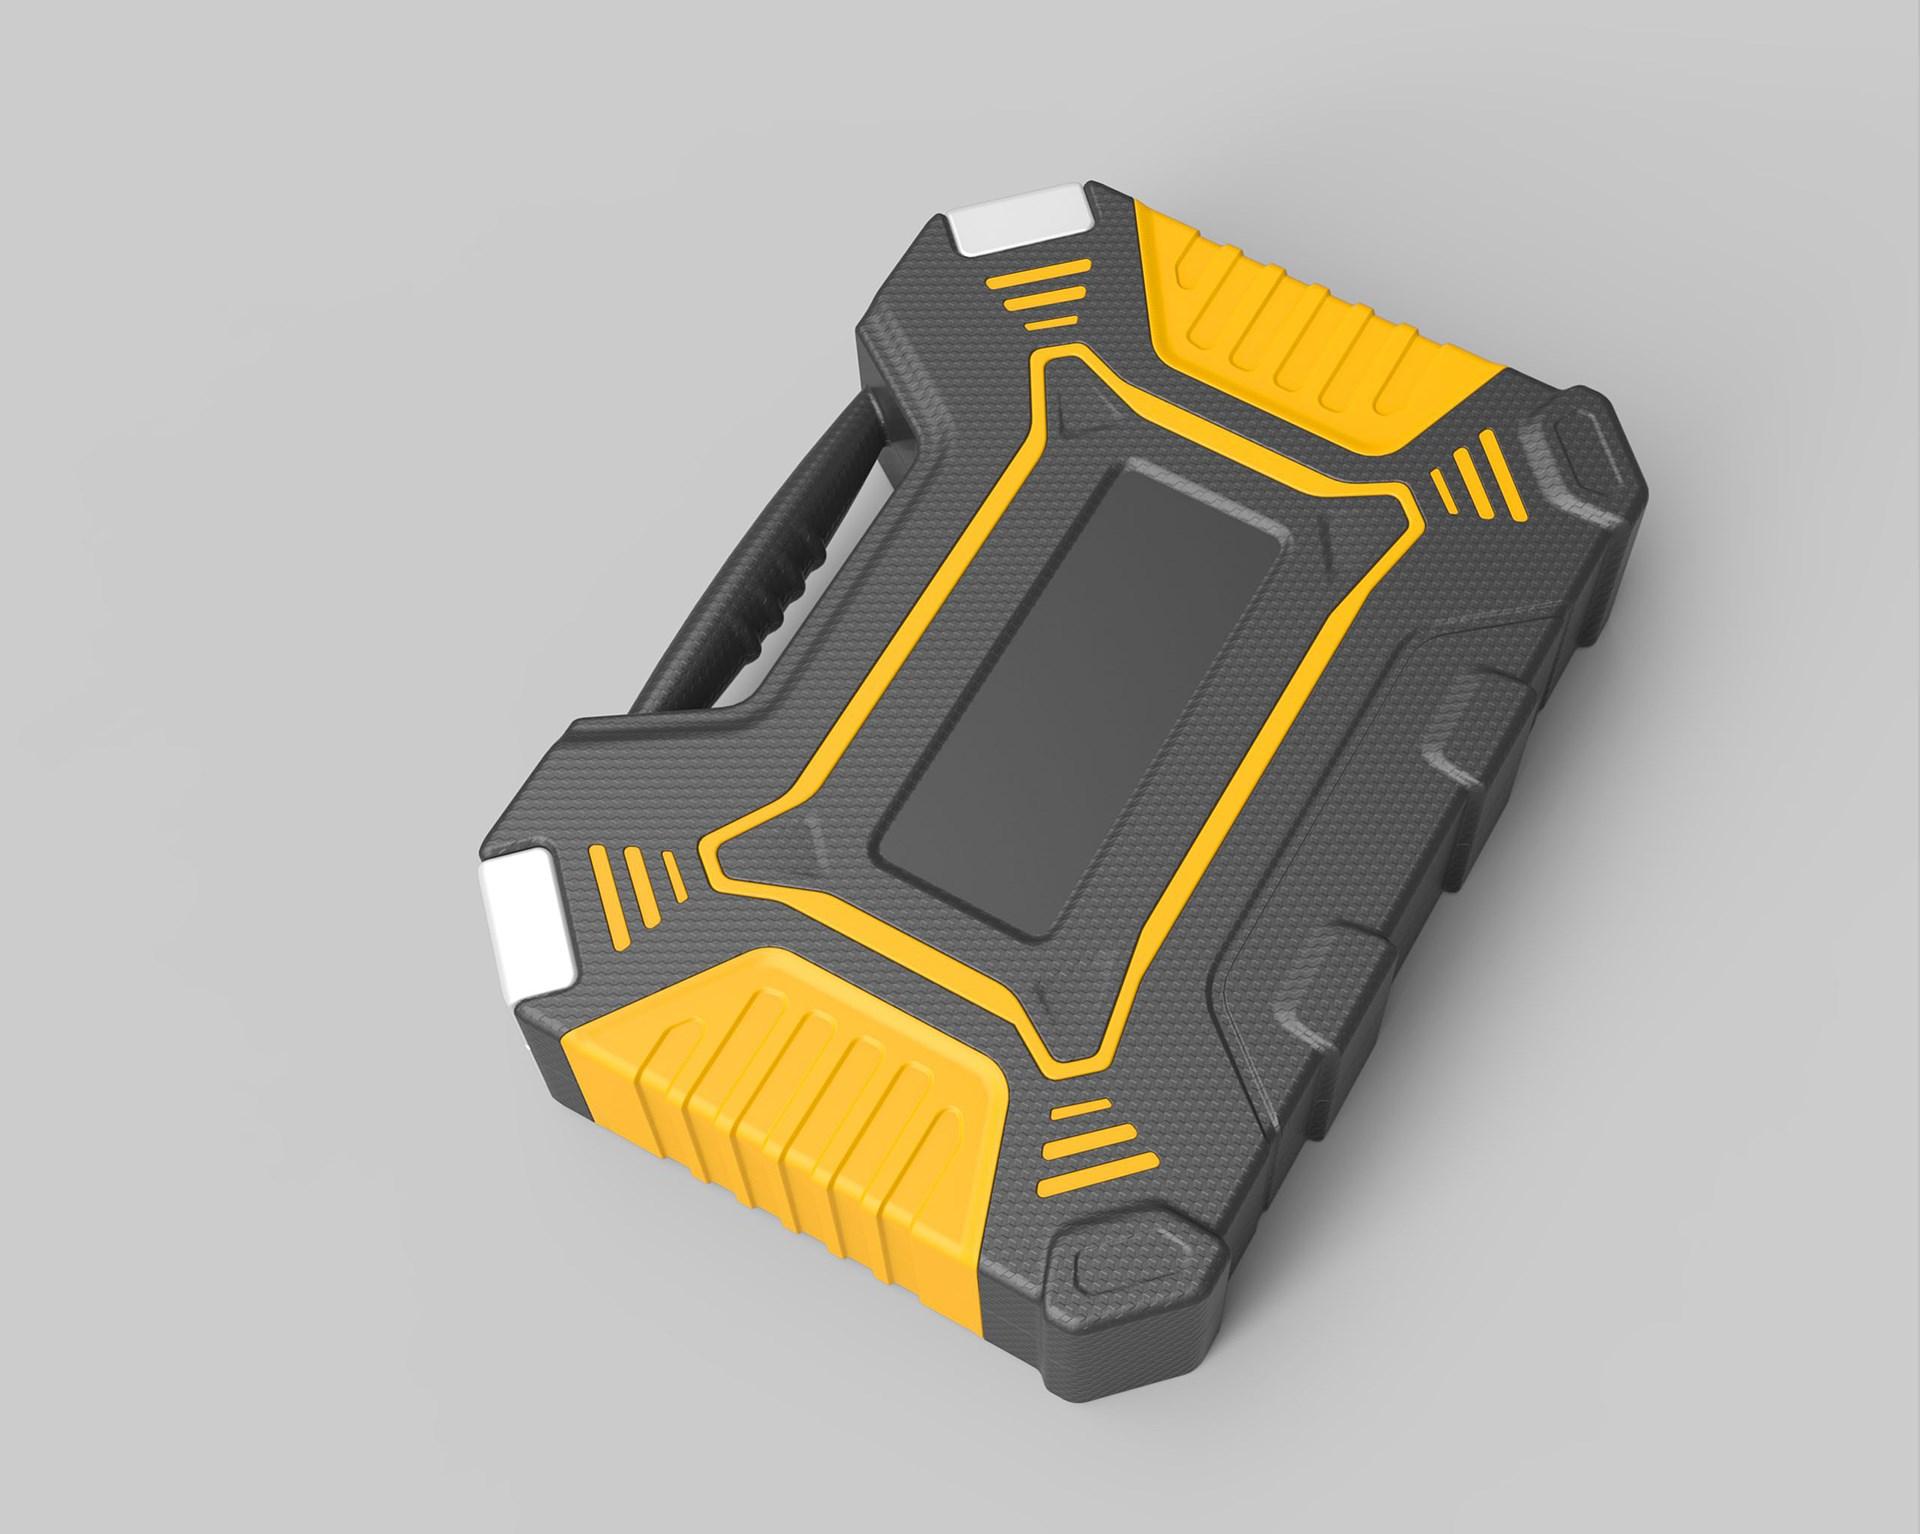 1工具箱工业设计3.jpg